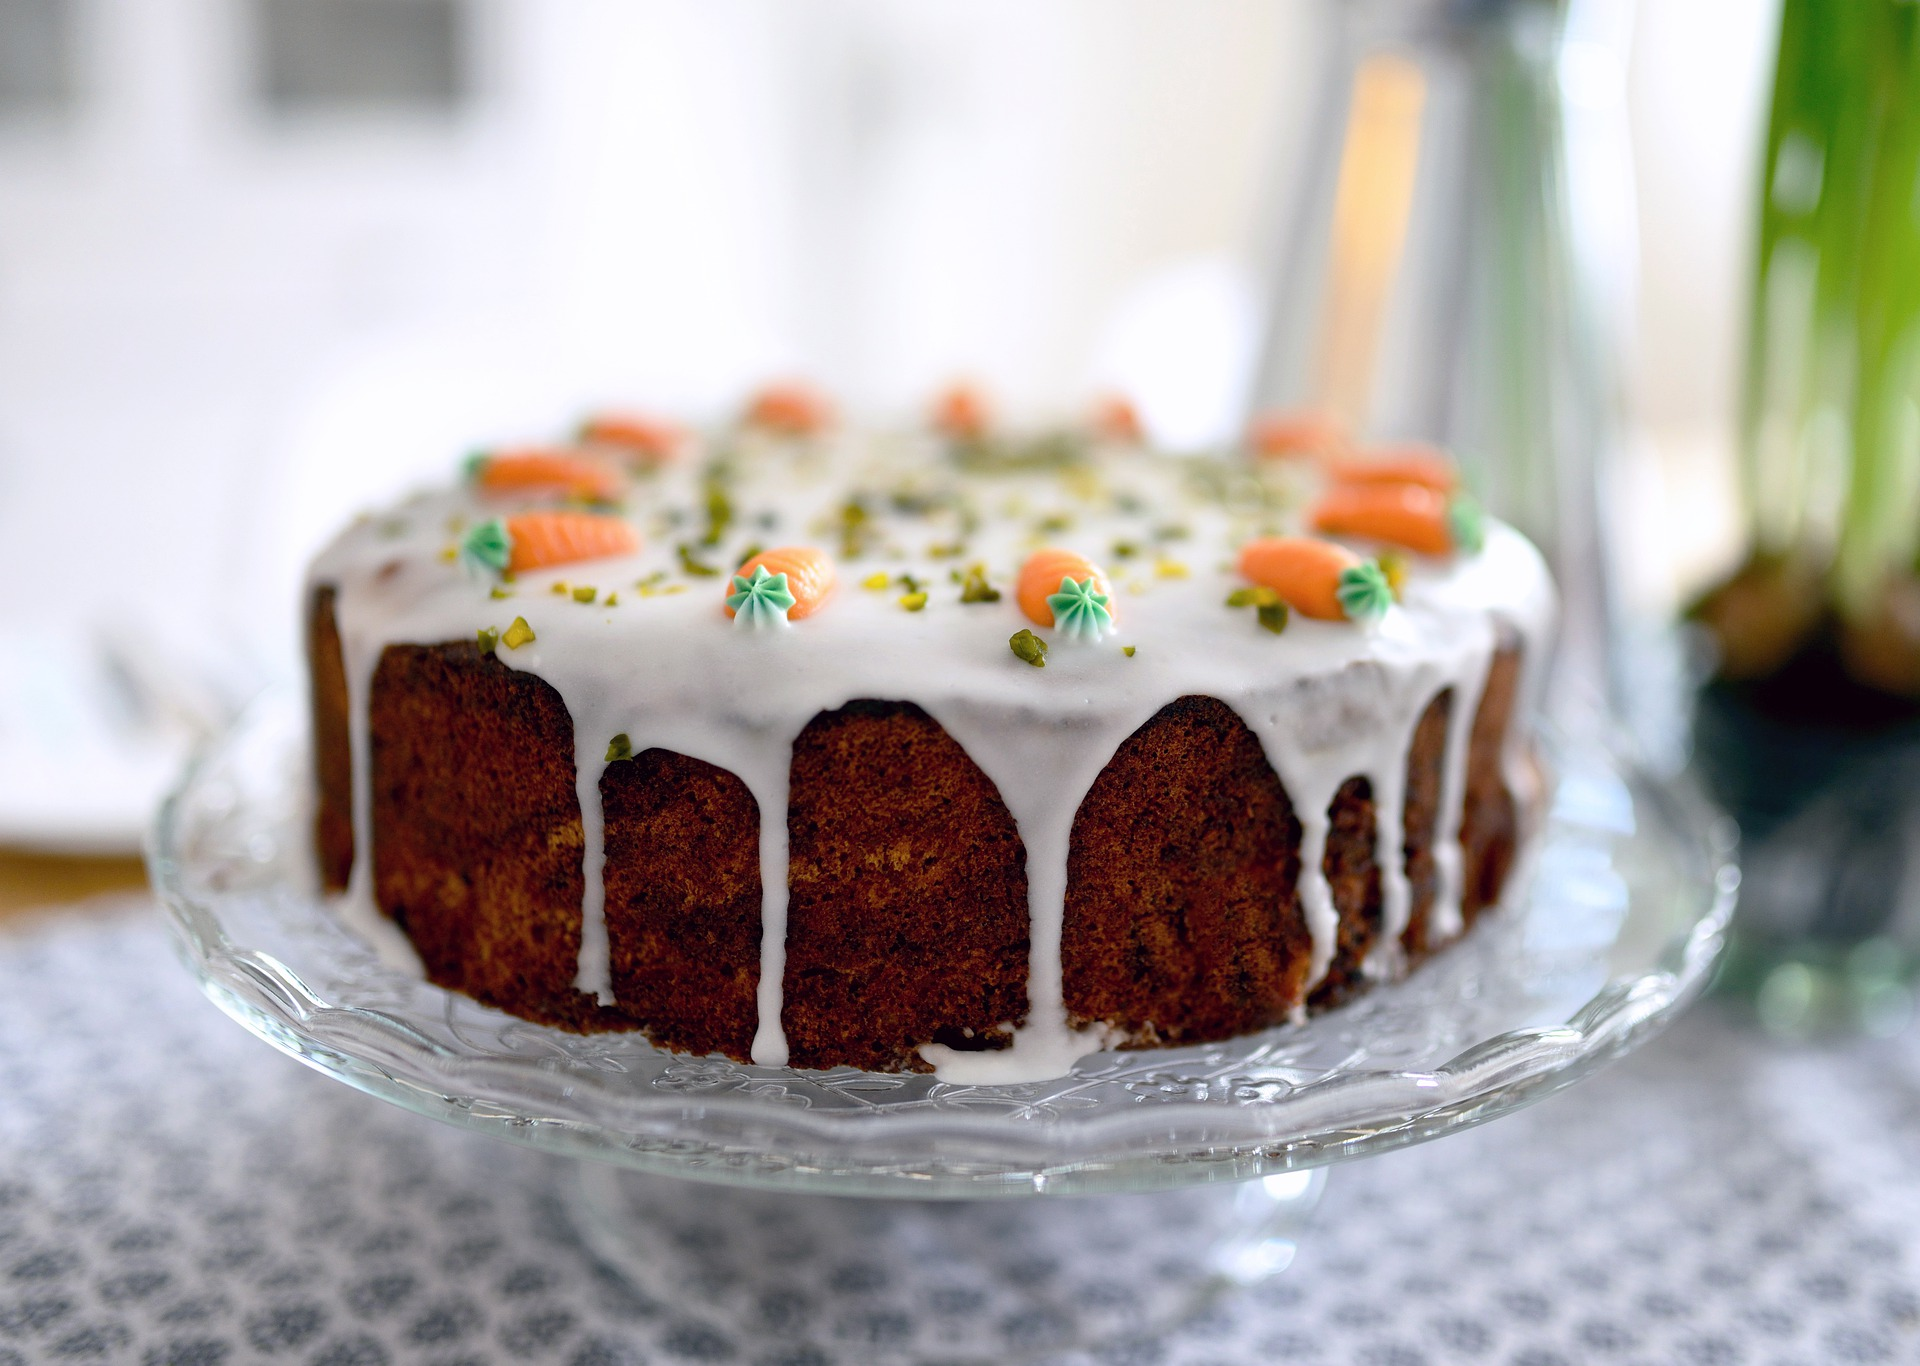 la recette du carrot cake, un gâteau équilibré